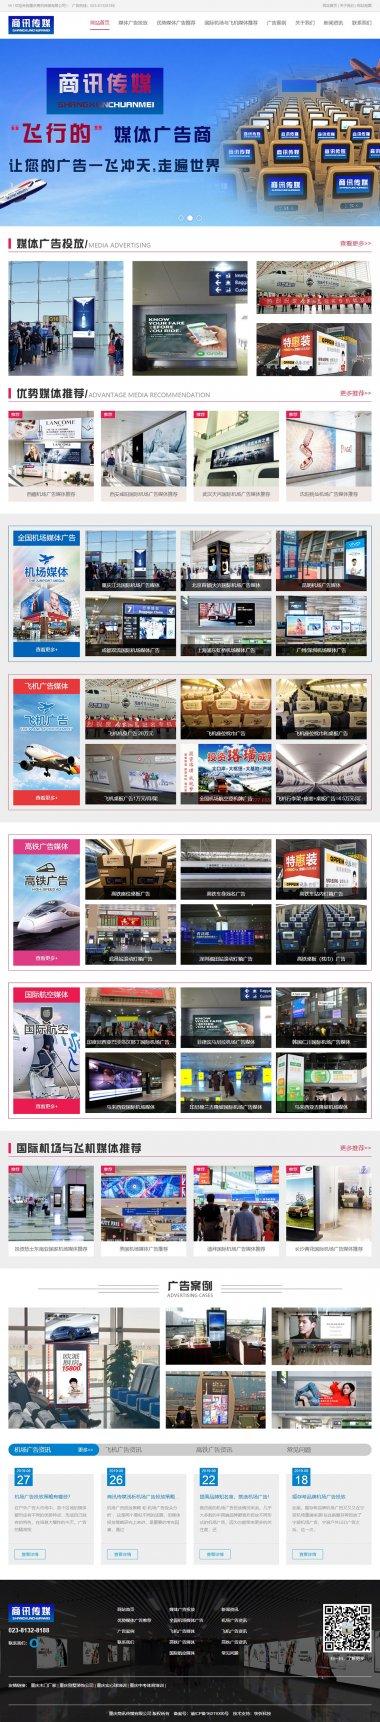 重庆商讯传媒有限公司网站建设案例